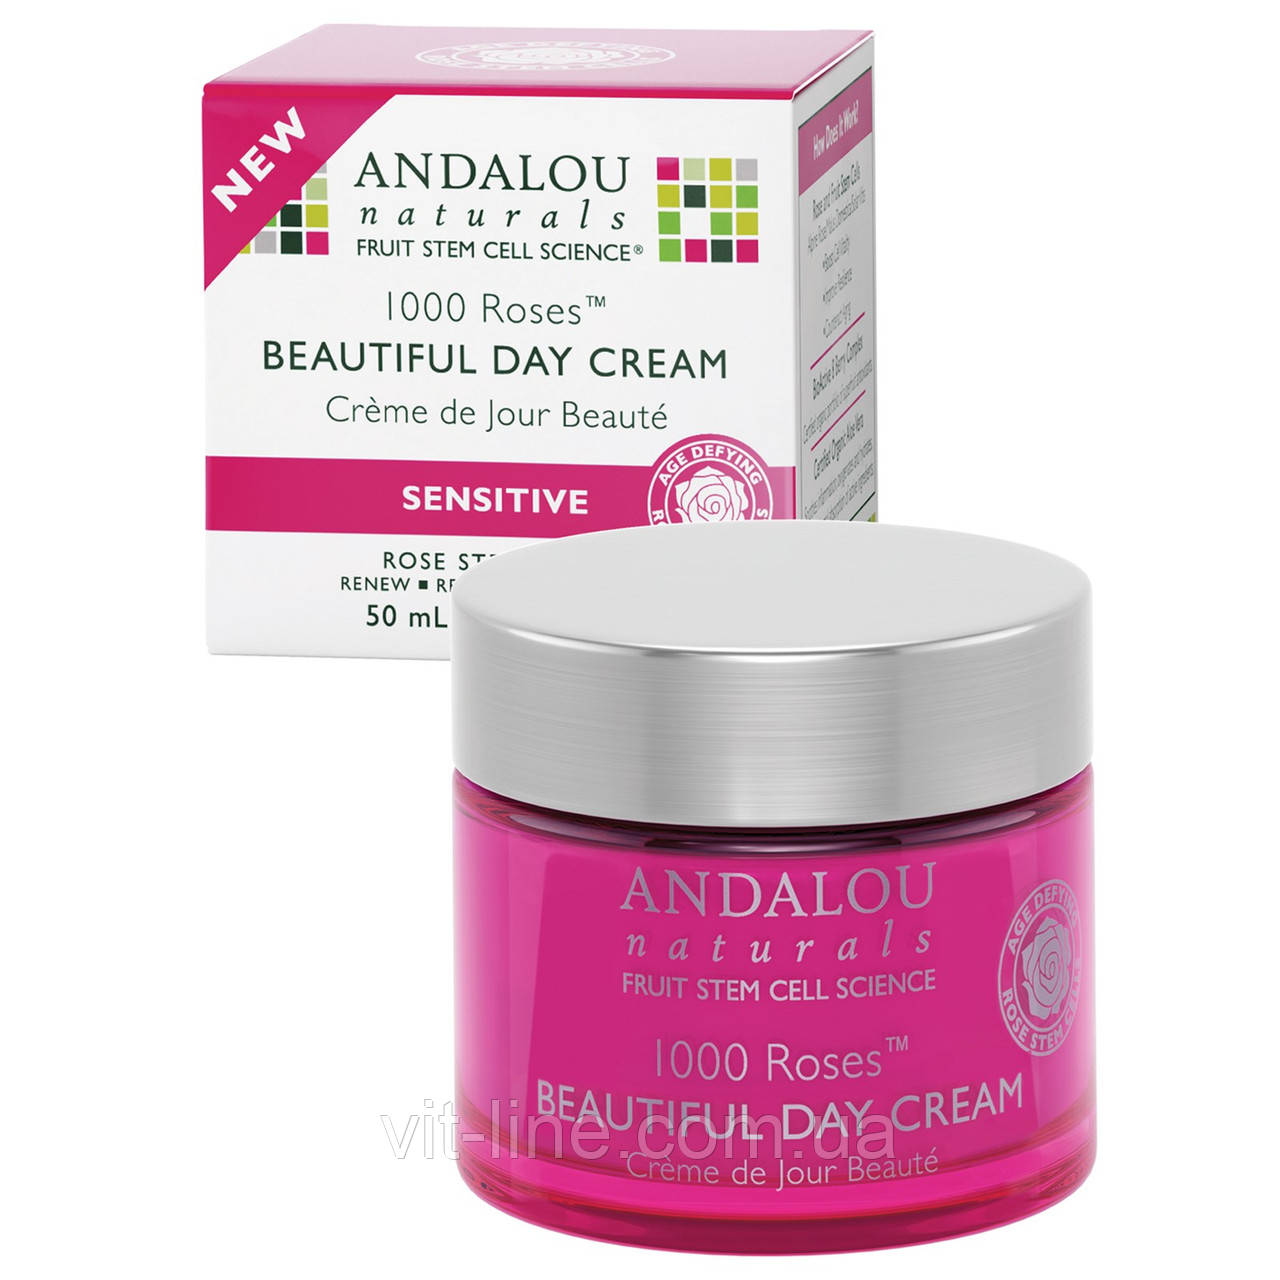 Andalou Naturals, Дневной крем для чувствительной кожи, 1000 роз, (50 мл)